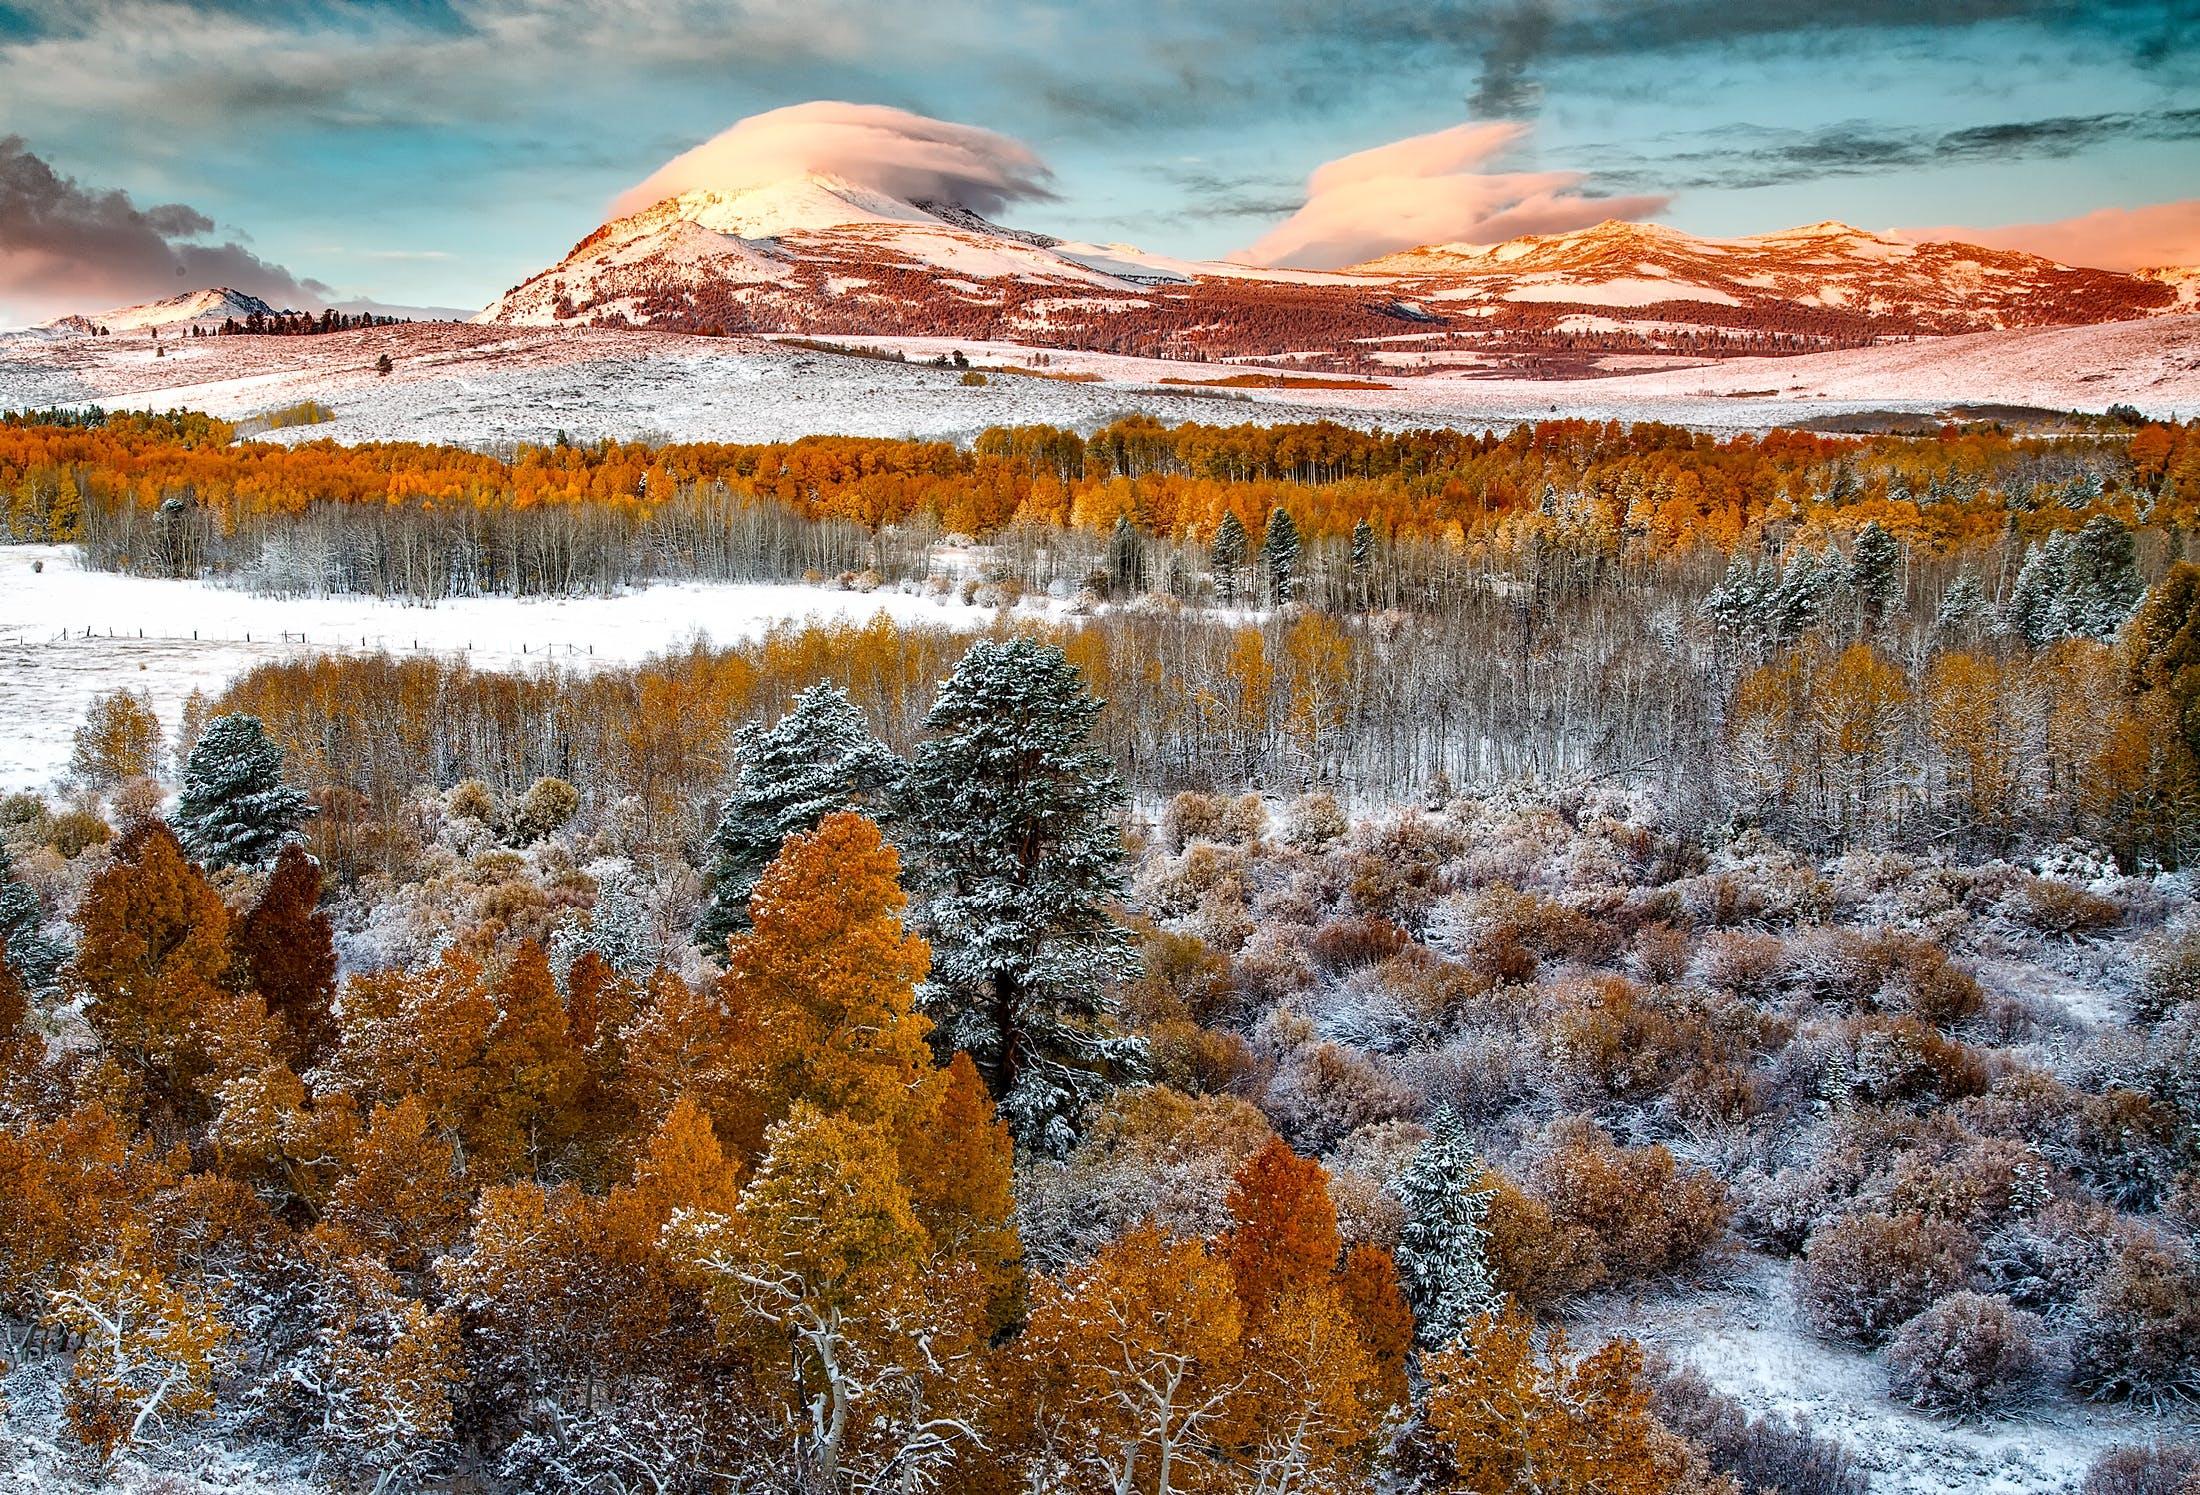 Kostenloses Stock Foto zu bäume, berg, landschaft, landschaftlich